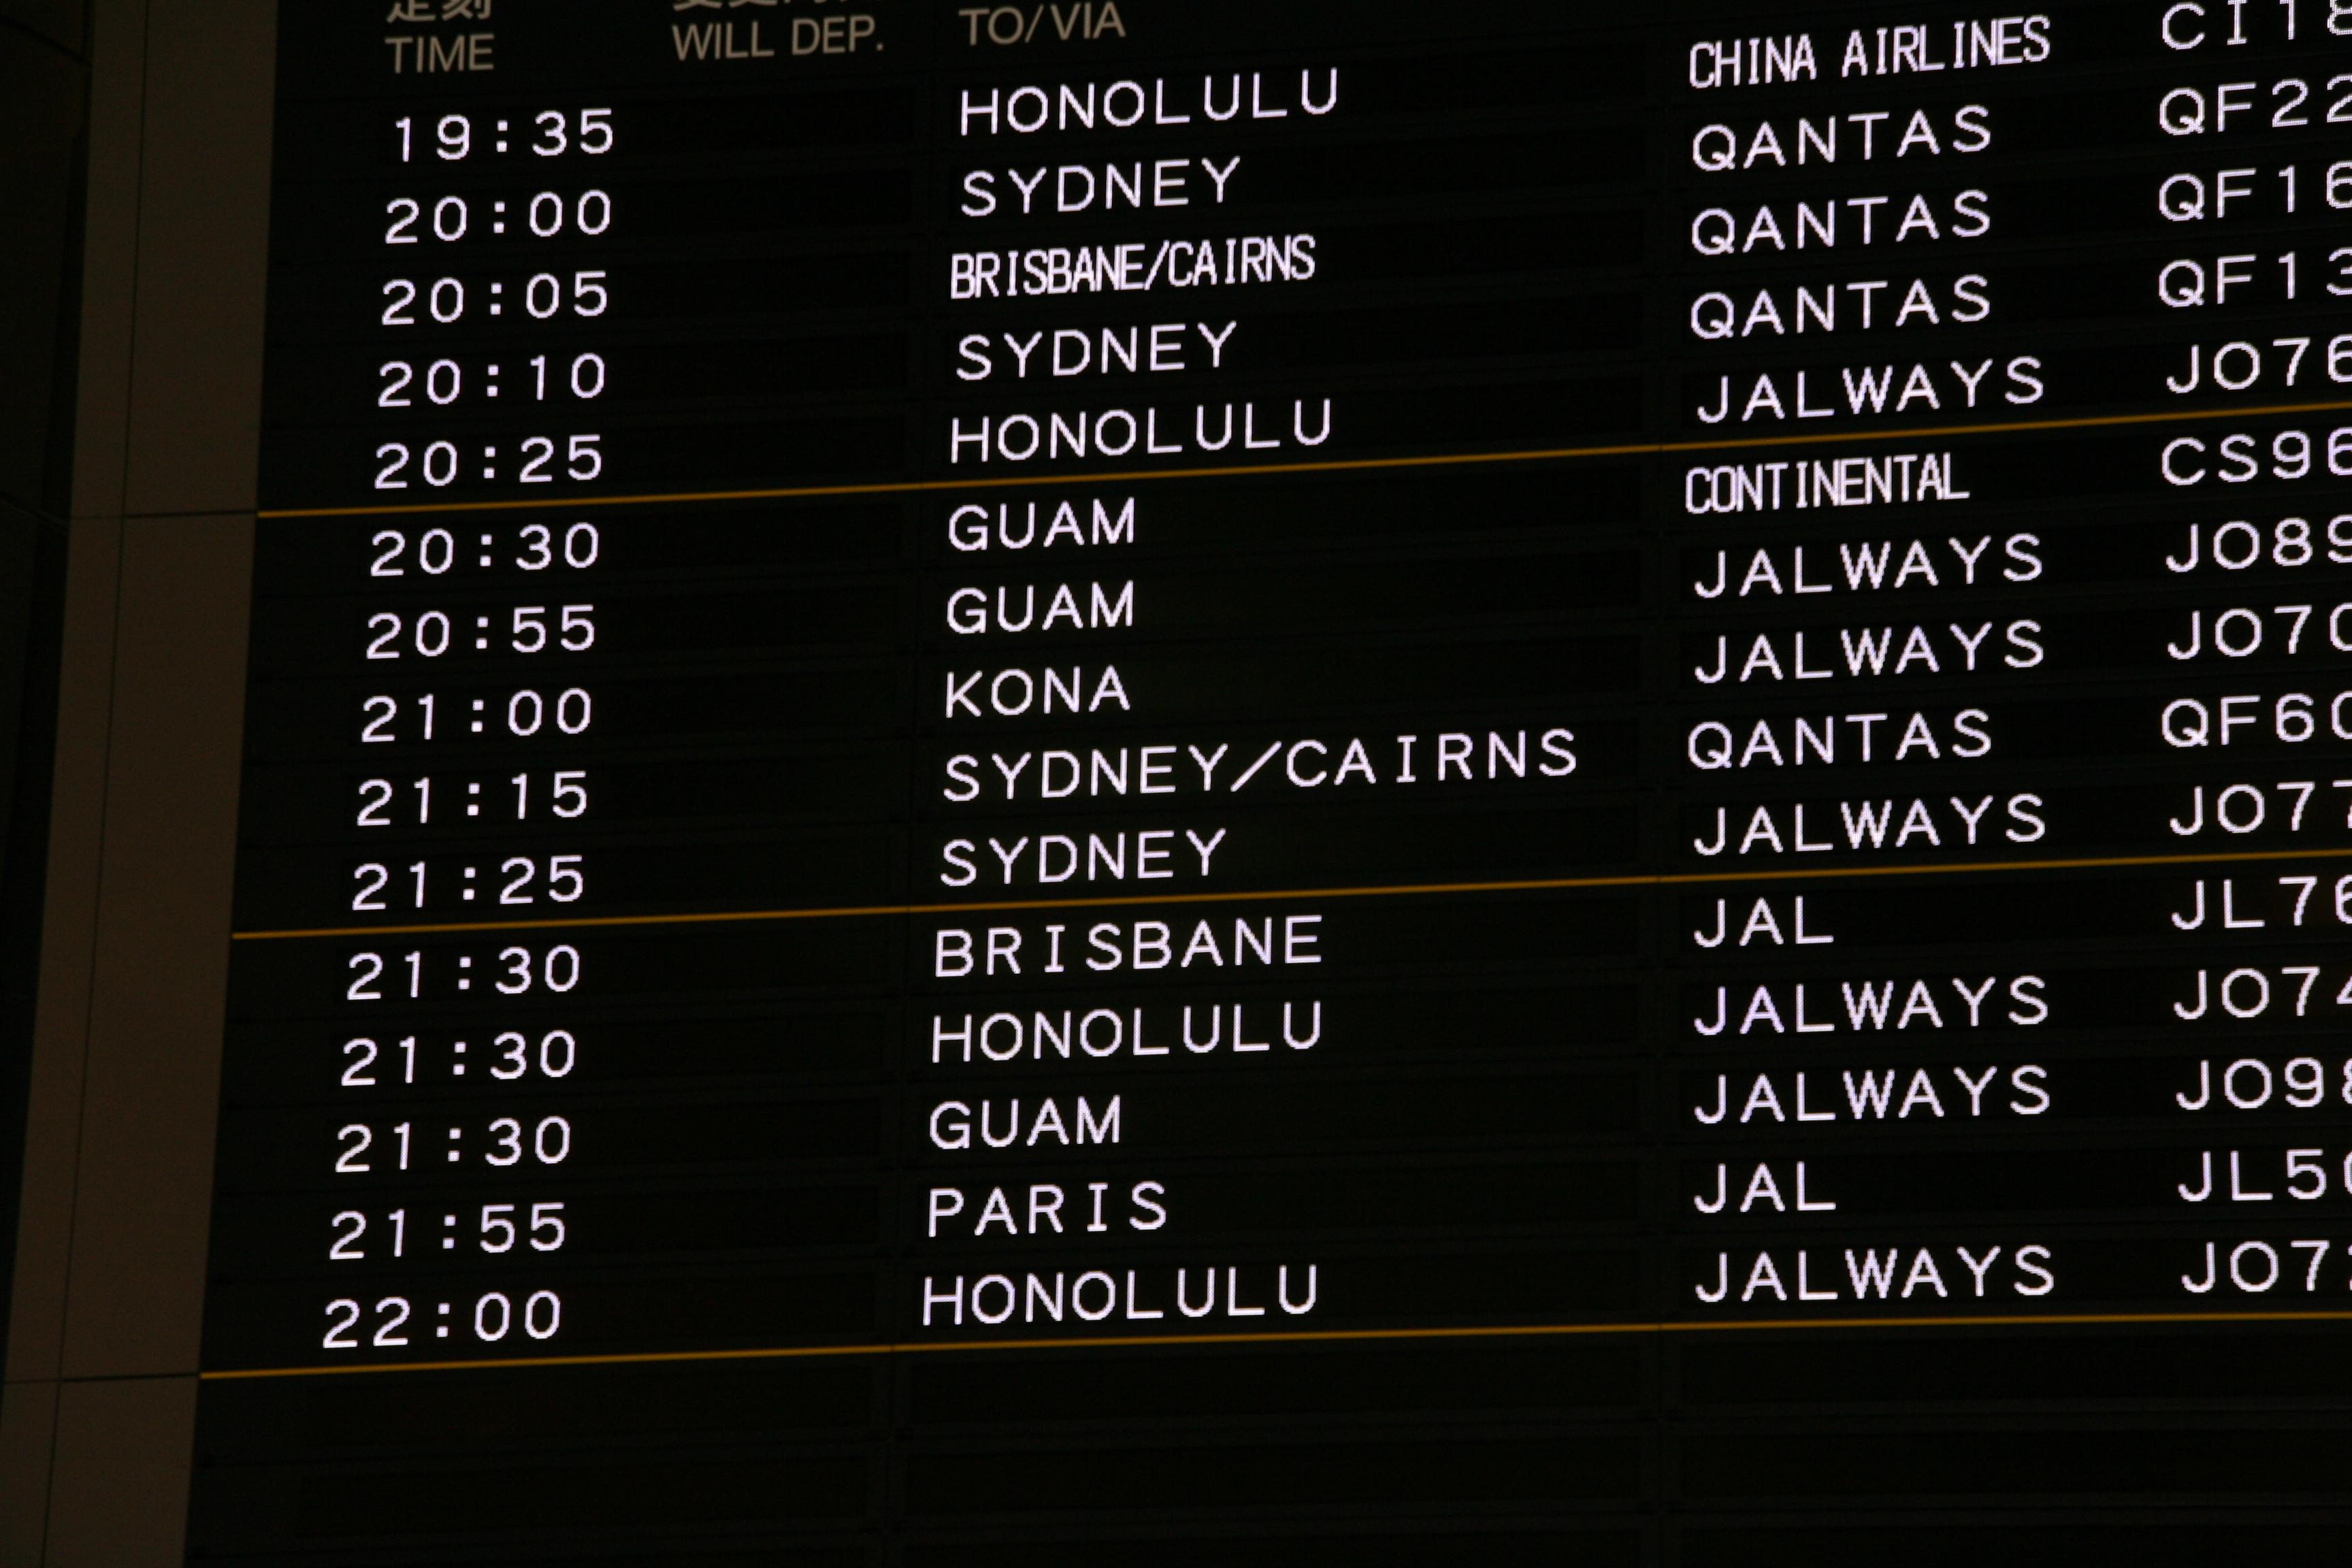 機内上映でLGBTのラブシーンカット、デルタ航空